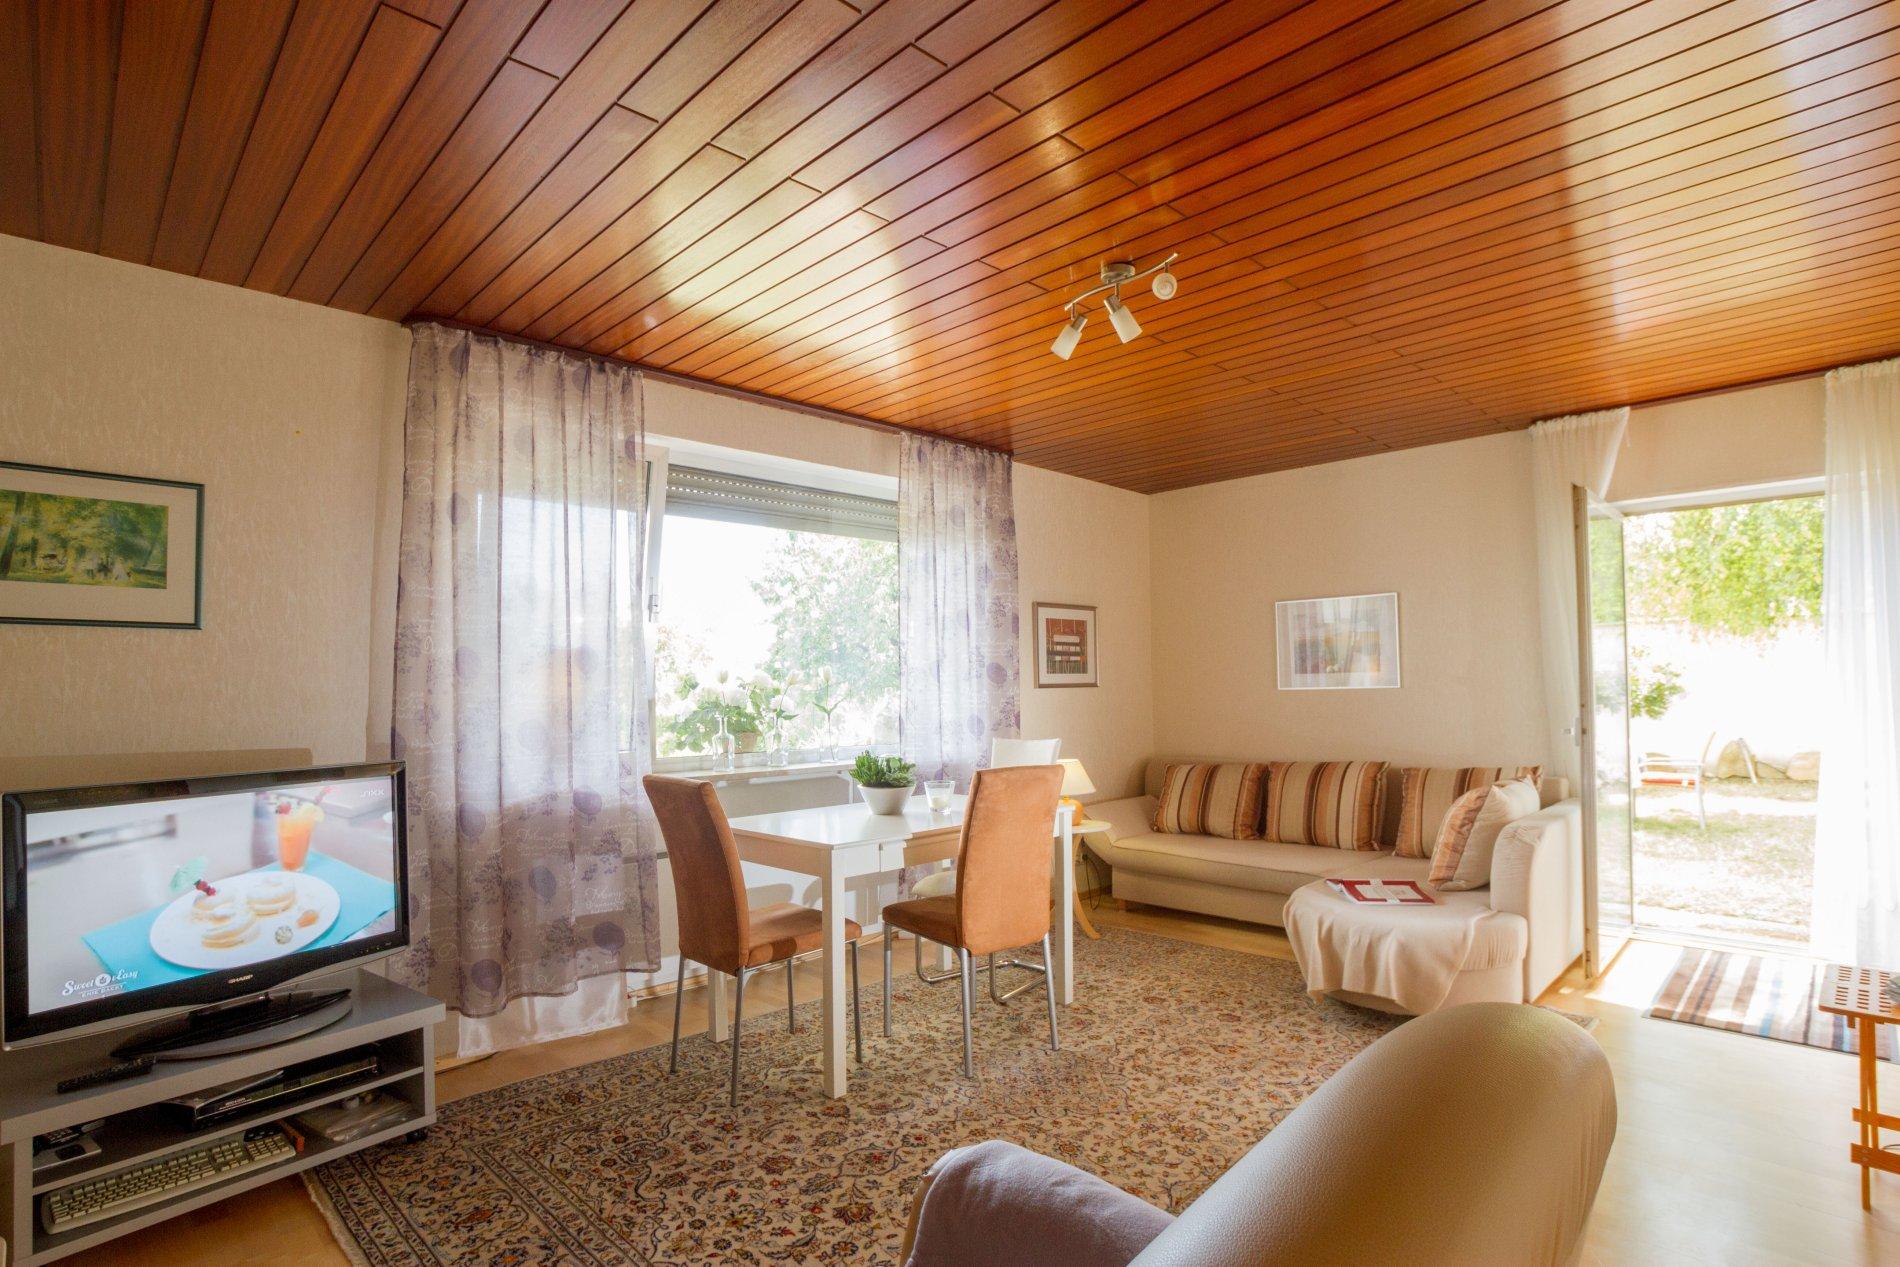 Wohnzimmer mit Couch und einen Esstisch mit zwei Stühlen